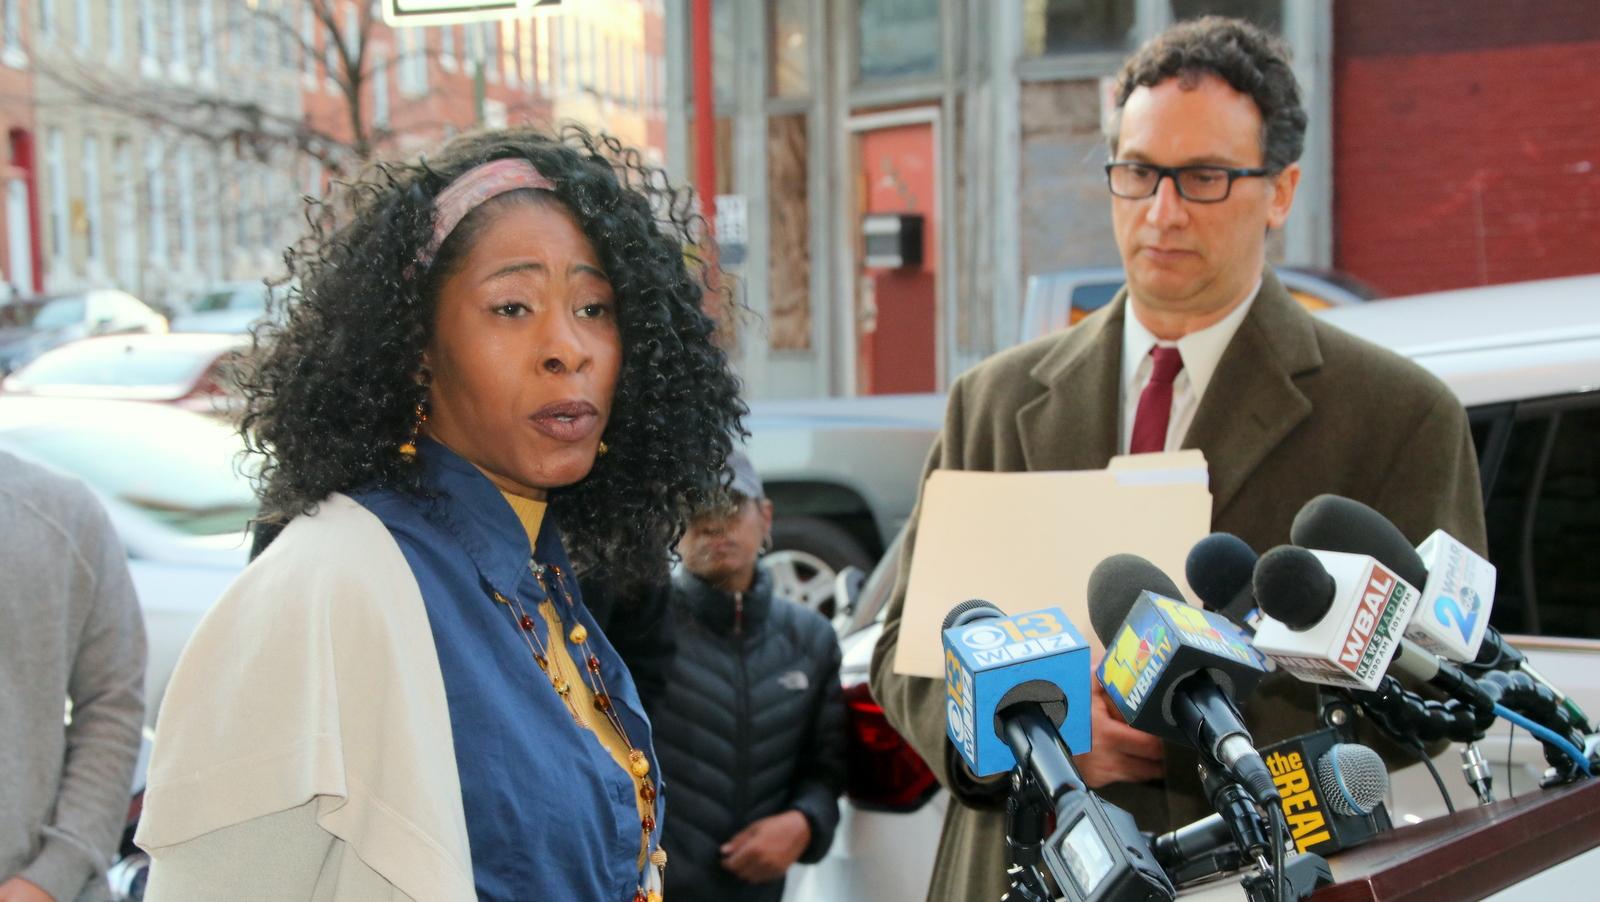 Harlem Park resident Lauren Holmes, who likened the 2017 lockdown to